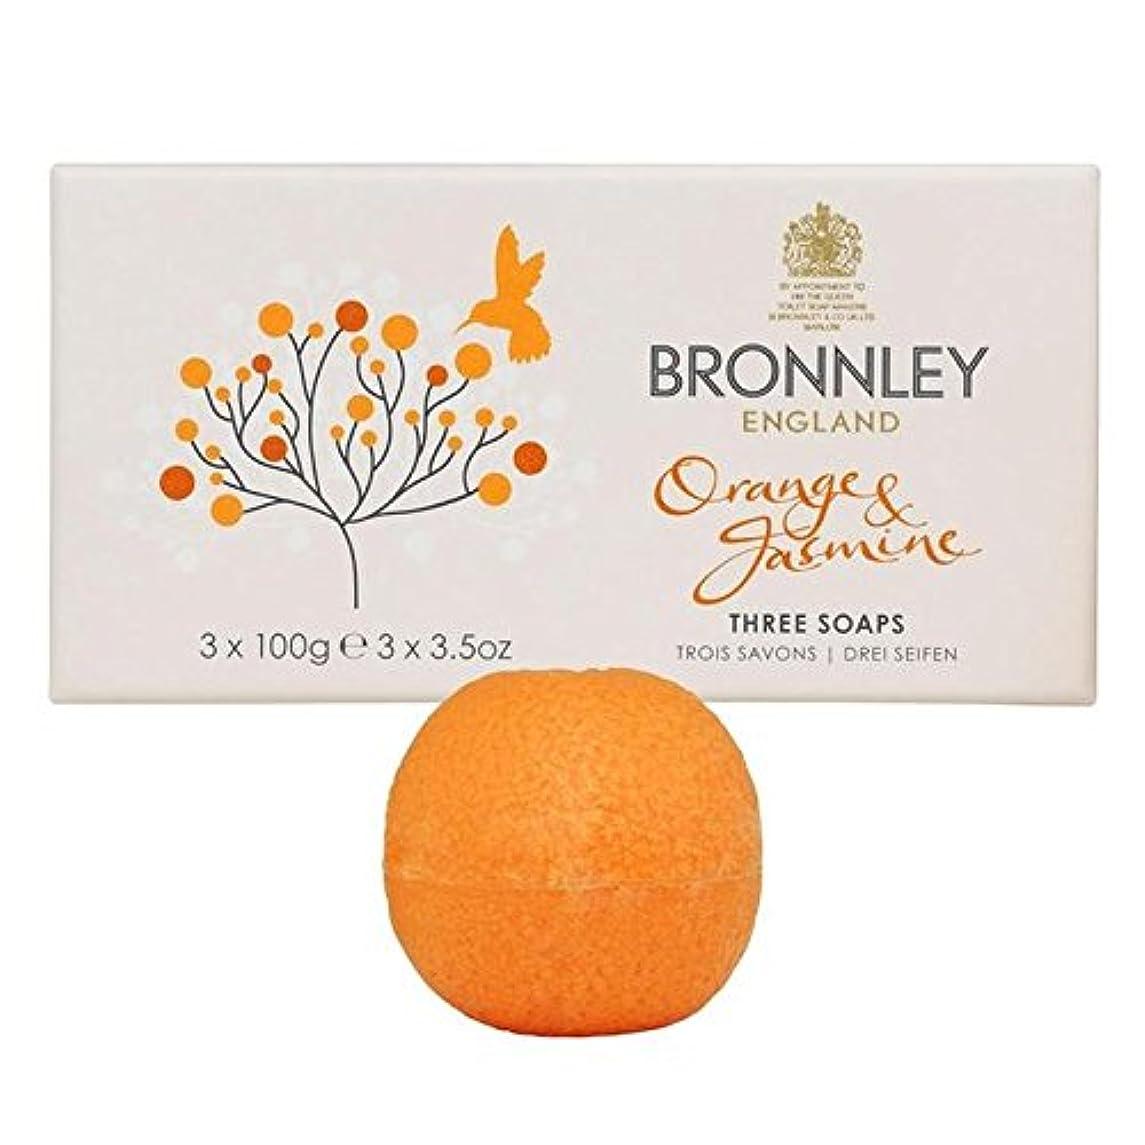 ロールスカーフ幻想Bronnley Orange & Jasmine Soaps 3 x 100g - オレンジ&ジャスミン石鹸3×100グラム [並行輸入品]